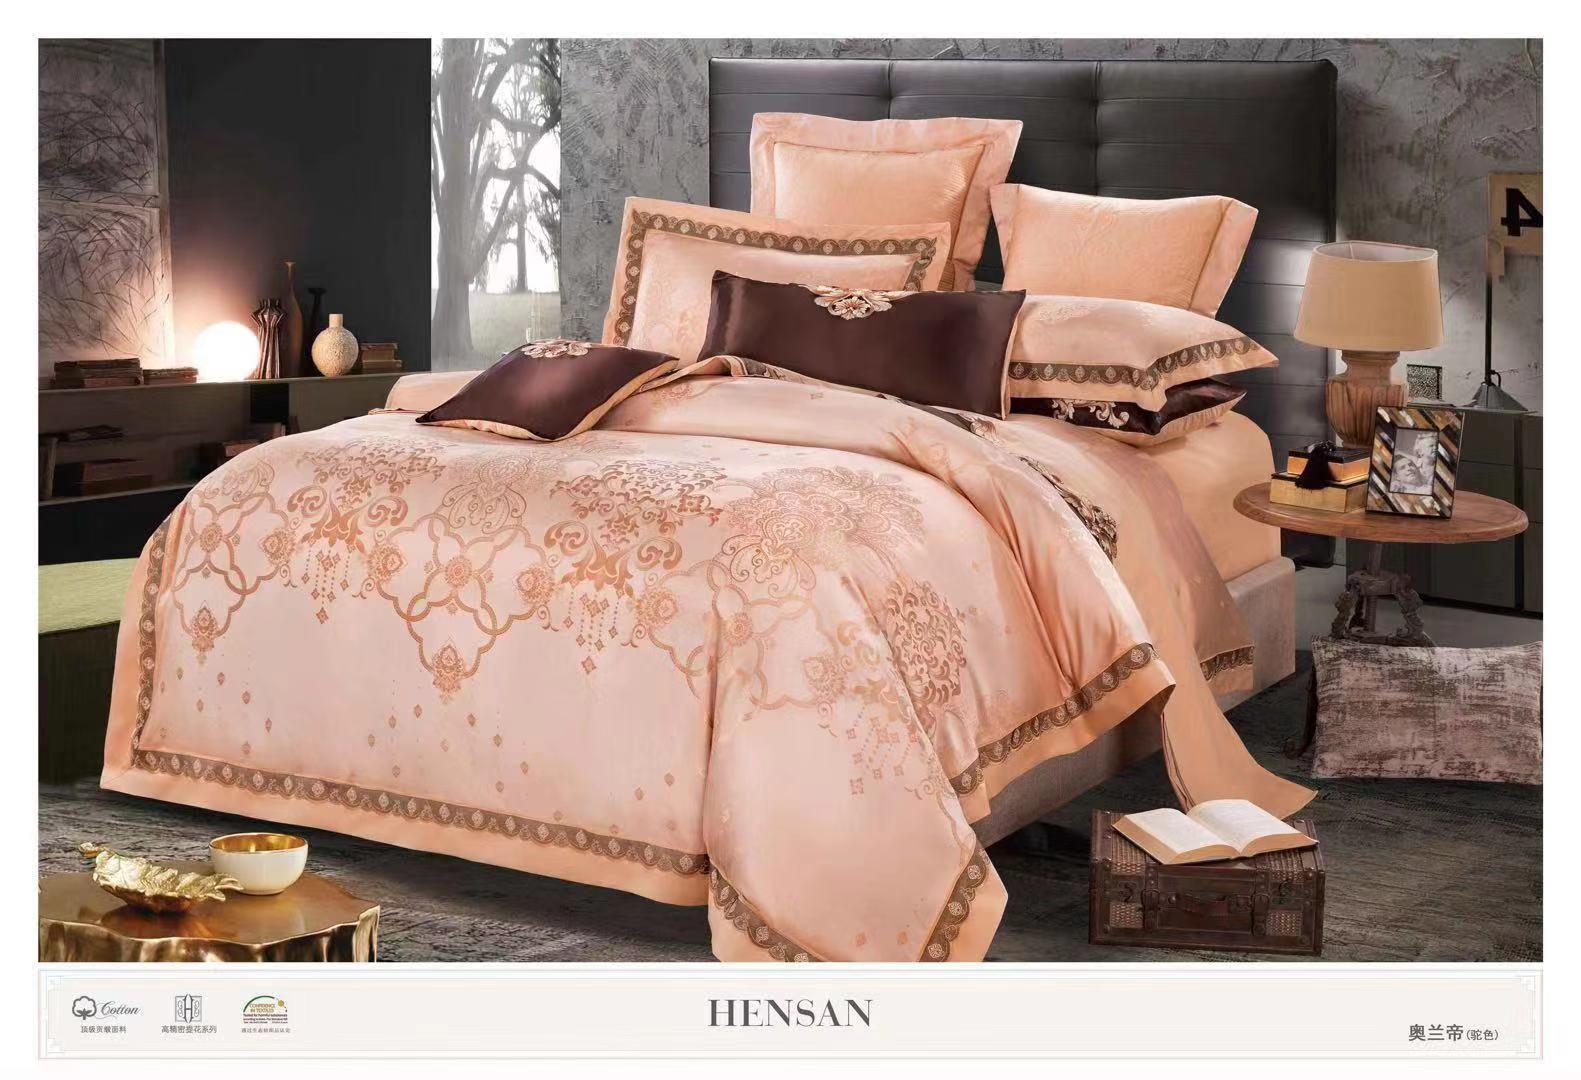 嘉韵床上四件套高端大气提花套件奢华高档1.8m欧式被套床罩北欧风